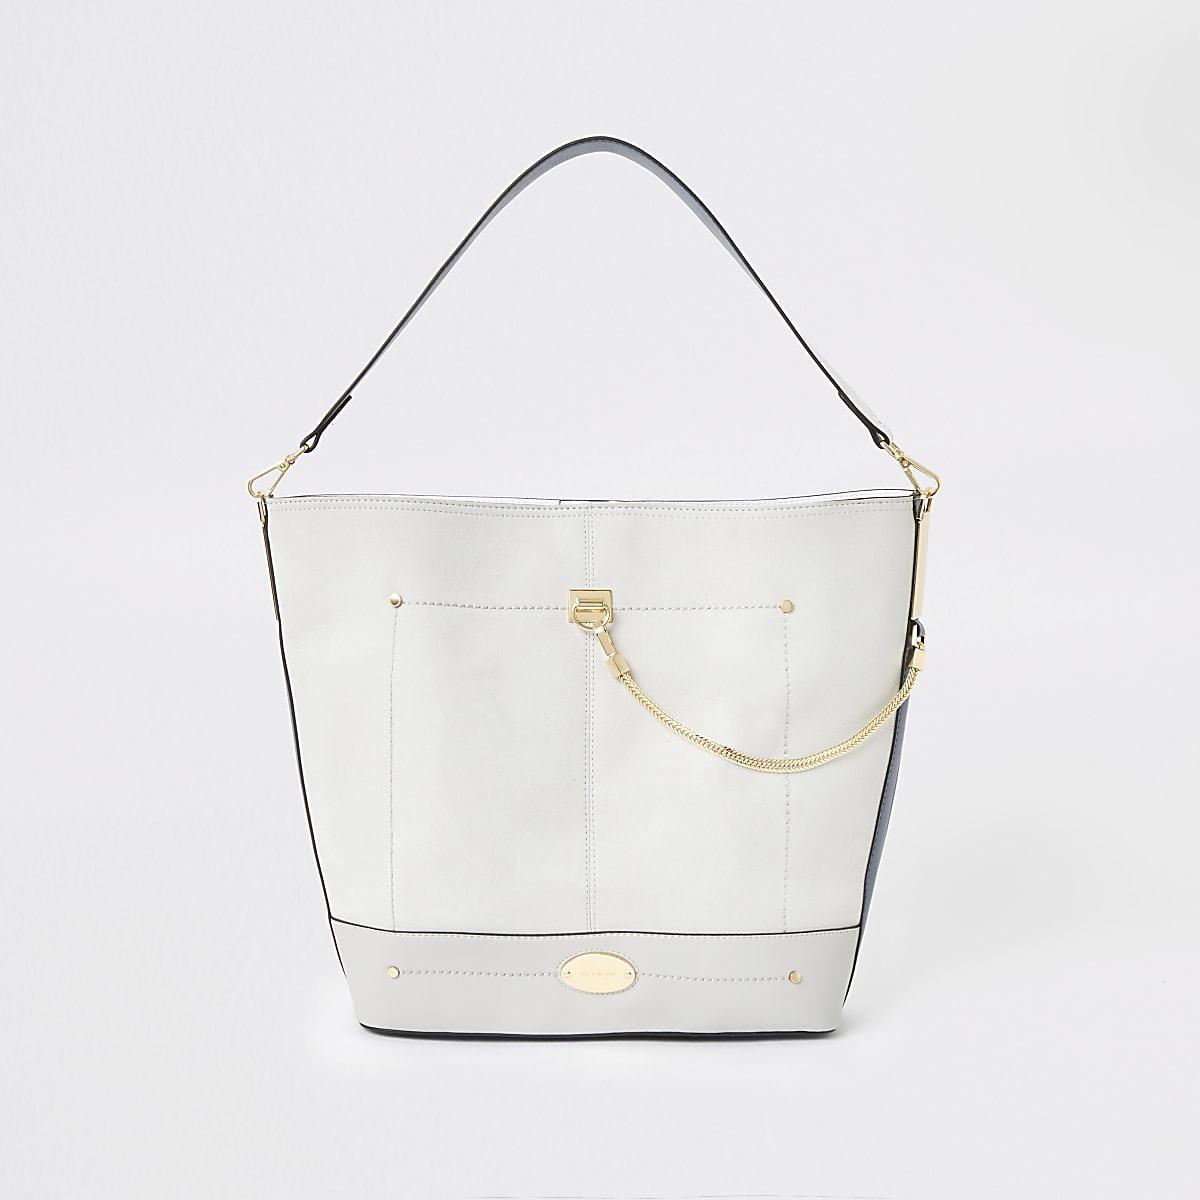 Lichtgrijze tas met ketting voorop